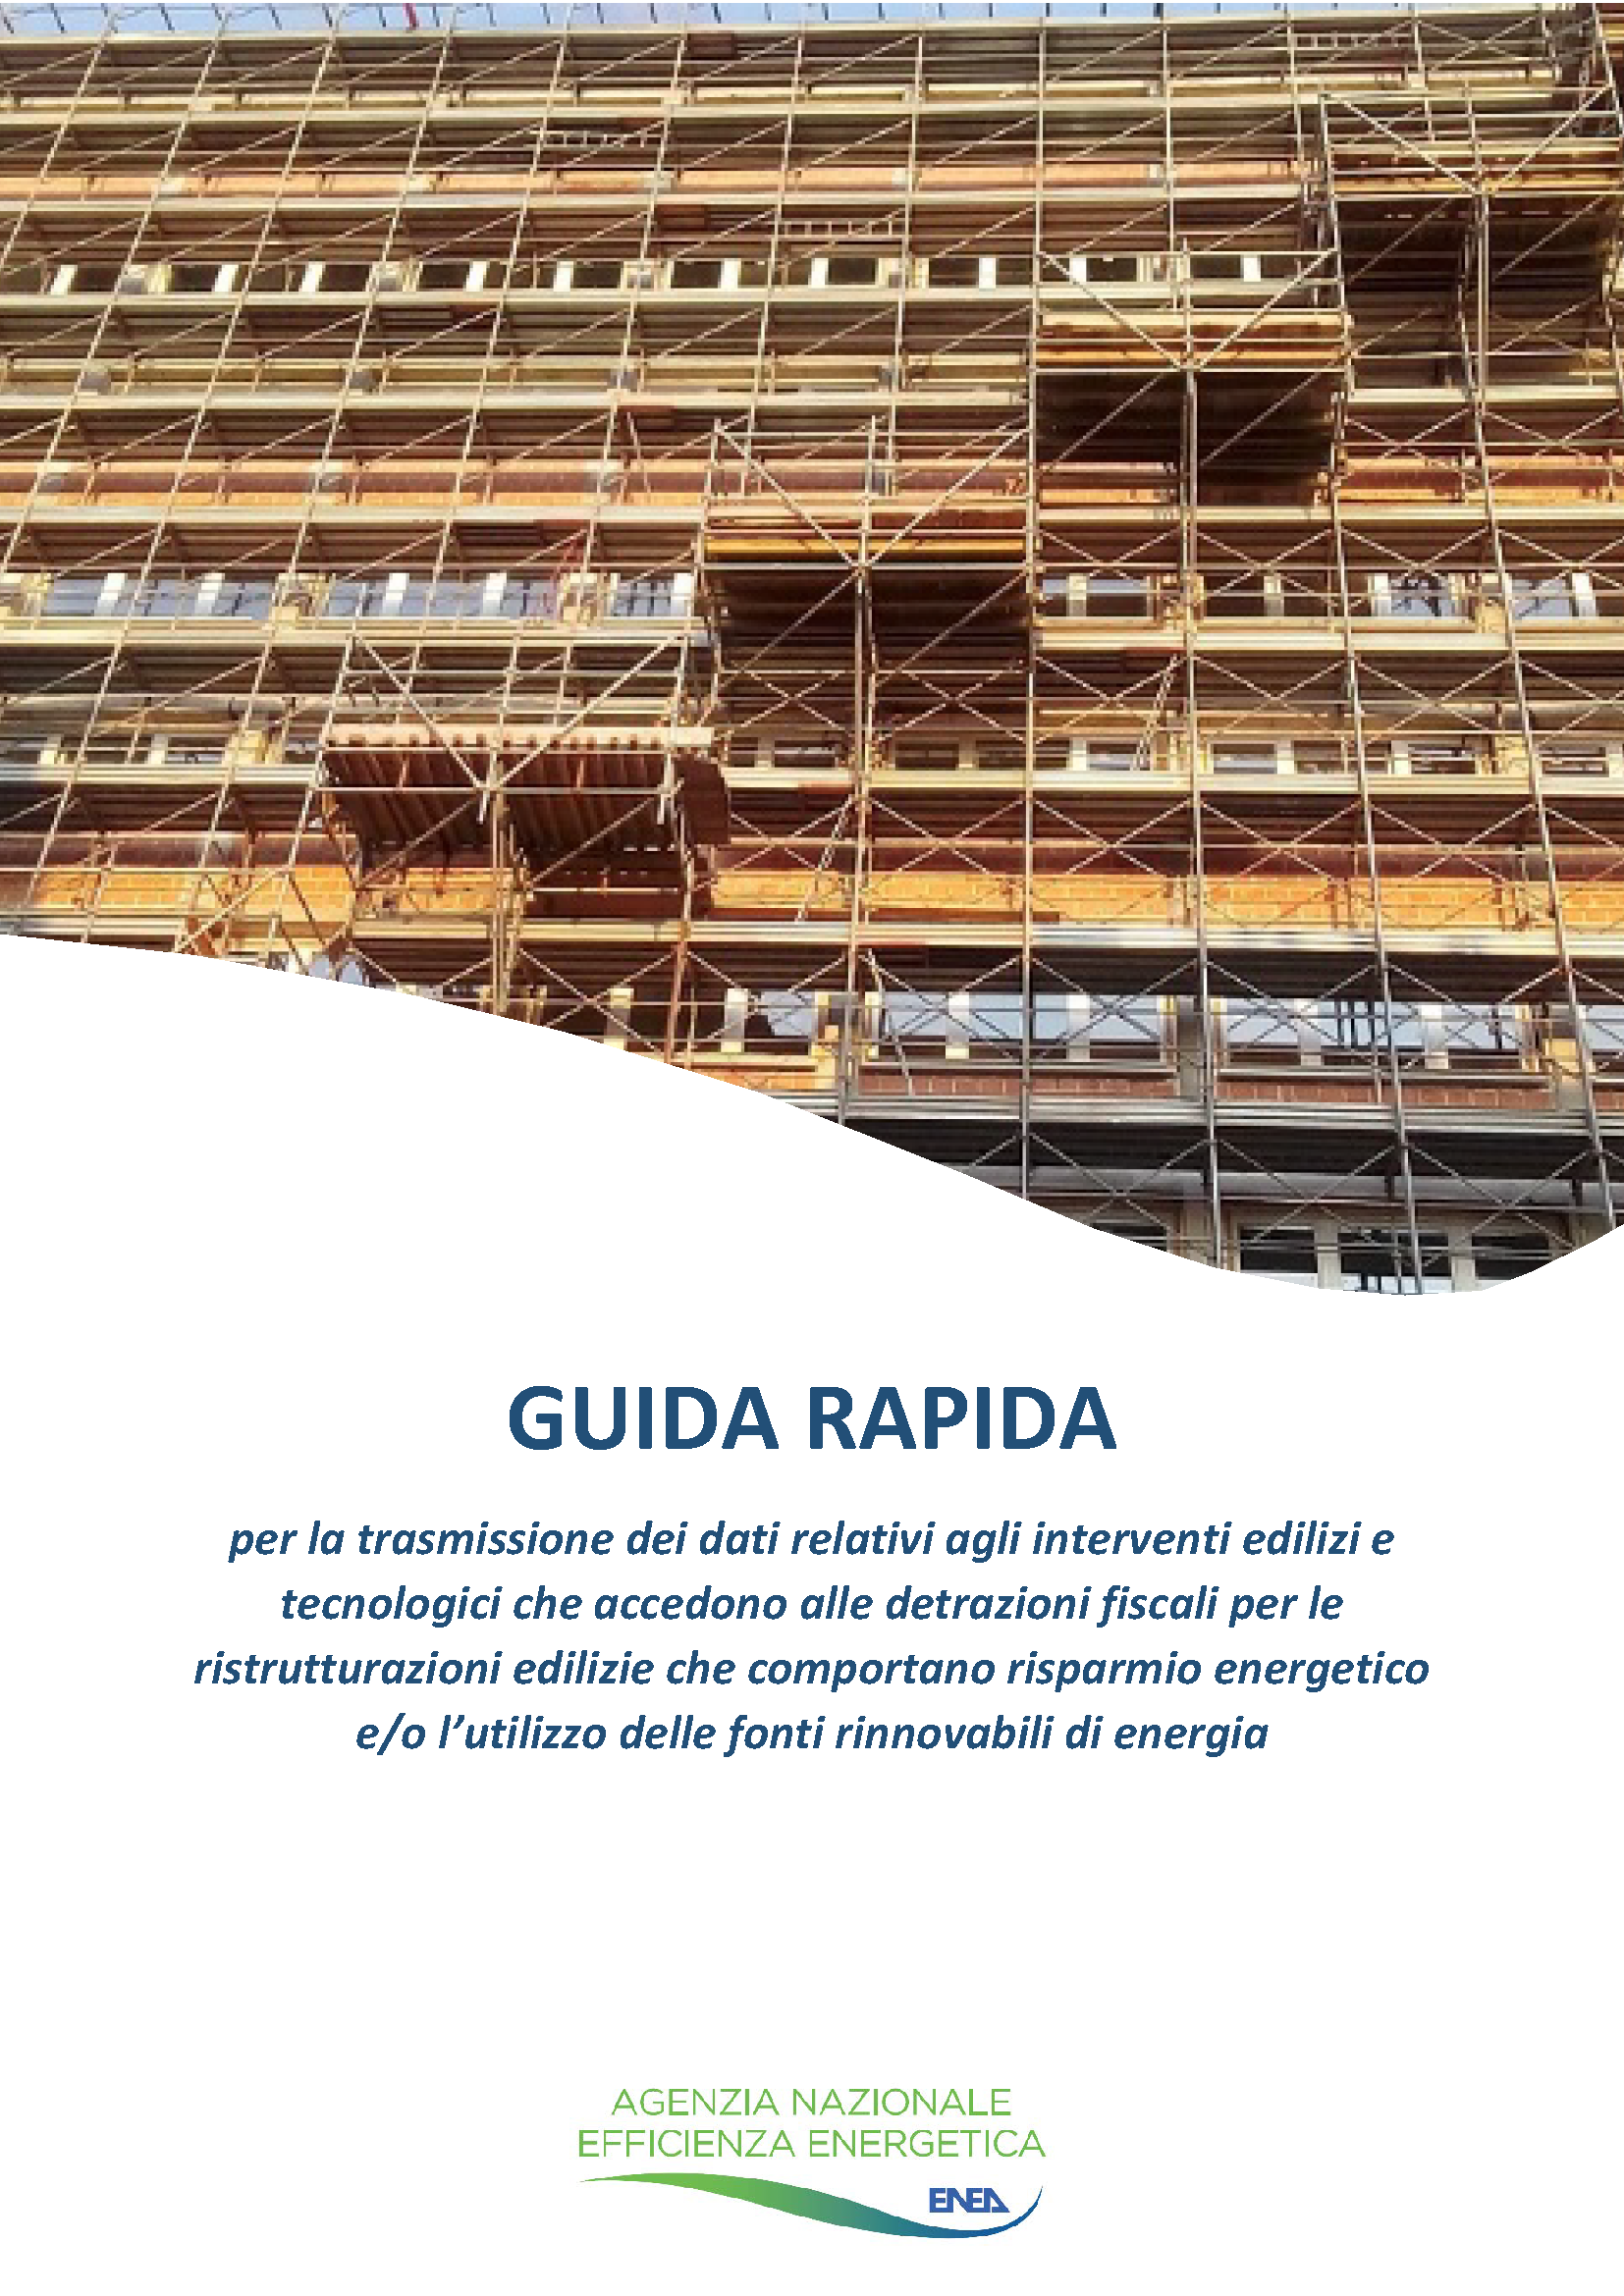 Guida – GUIDA RAPIDA per la trasmissione dei dati relativi agli interventi edilizi e tecnologici che accedono alle detrazioni fiscali per le ristrutturazioni edilizie che comportano risparmio energetico e/o l'utilizzo delle fonti rinnovabili di energia